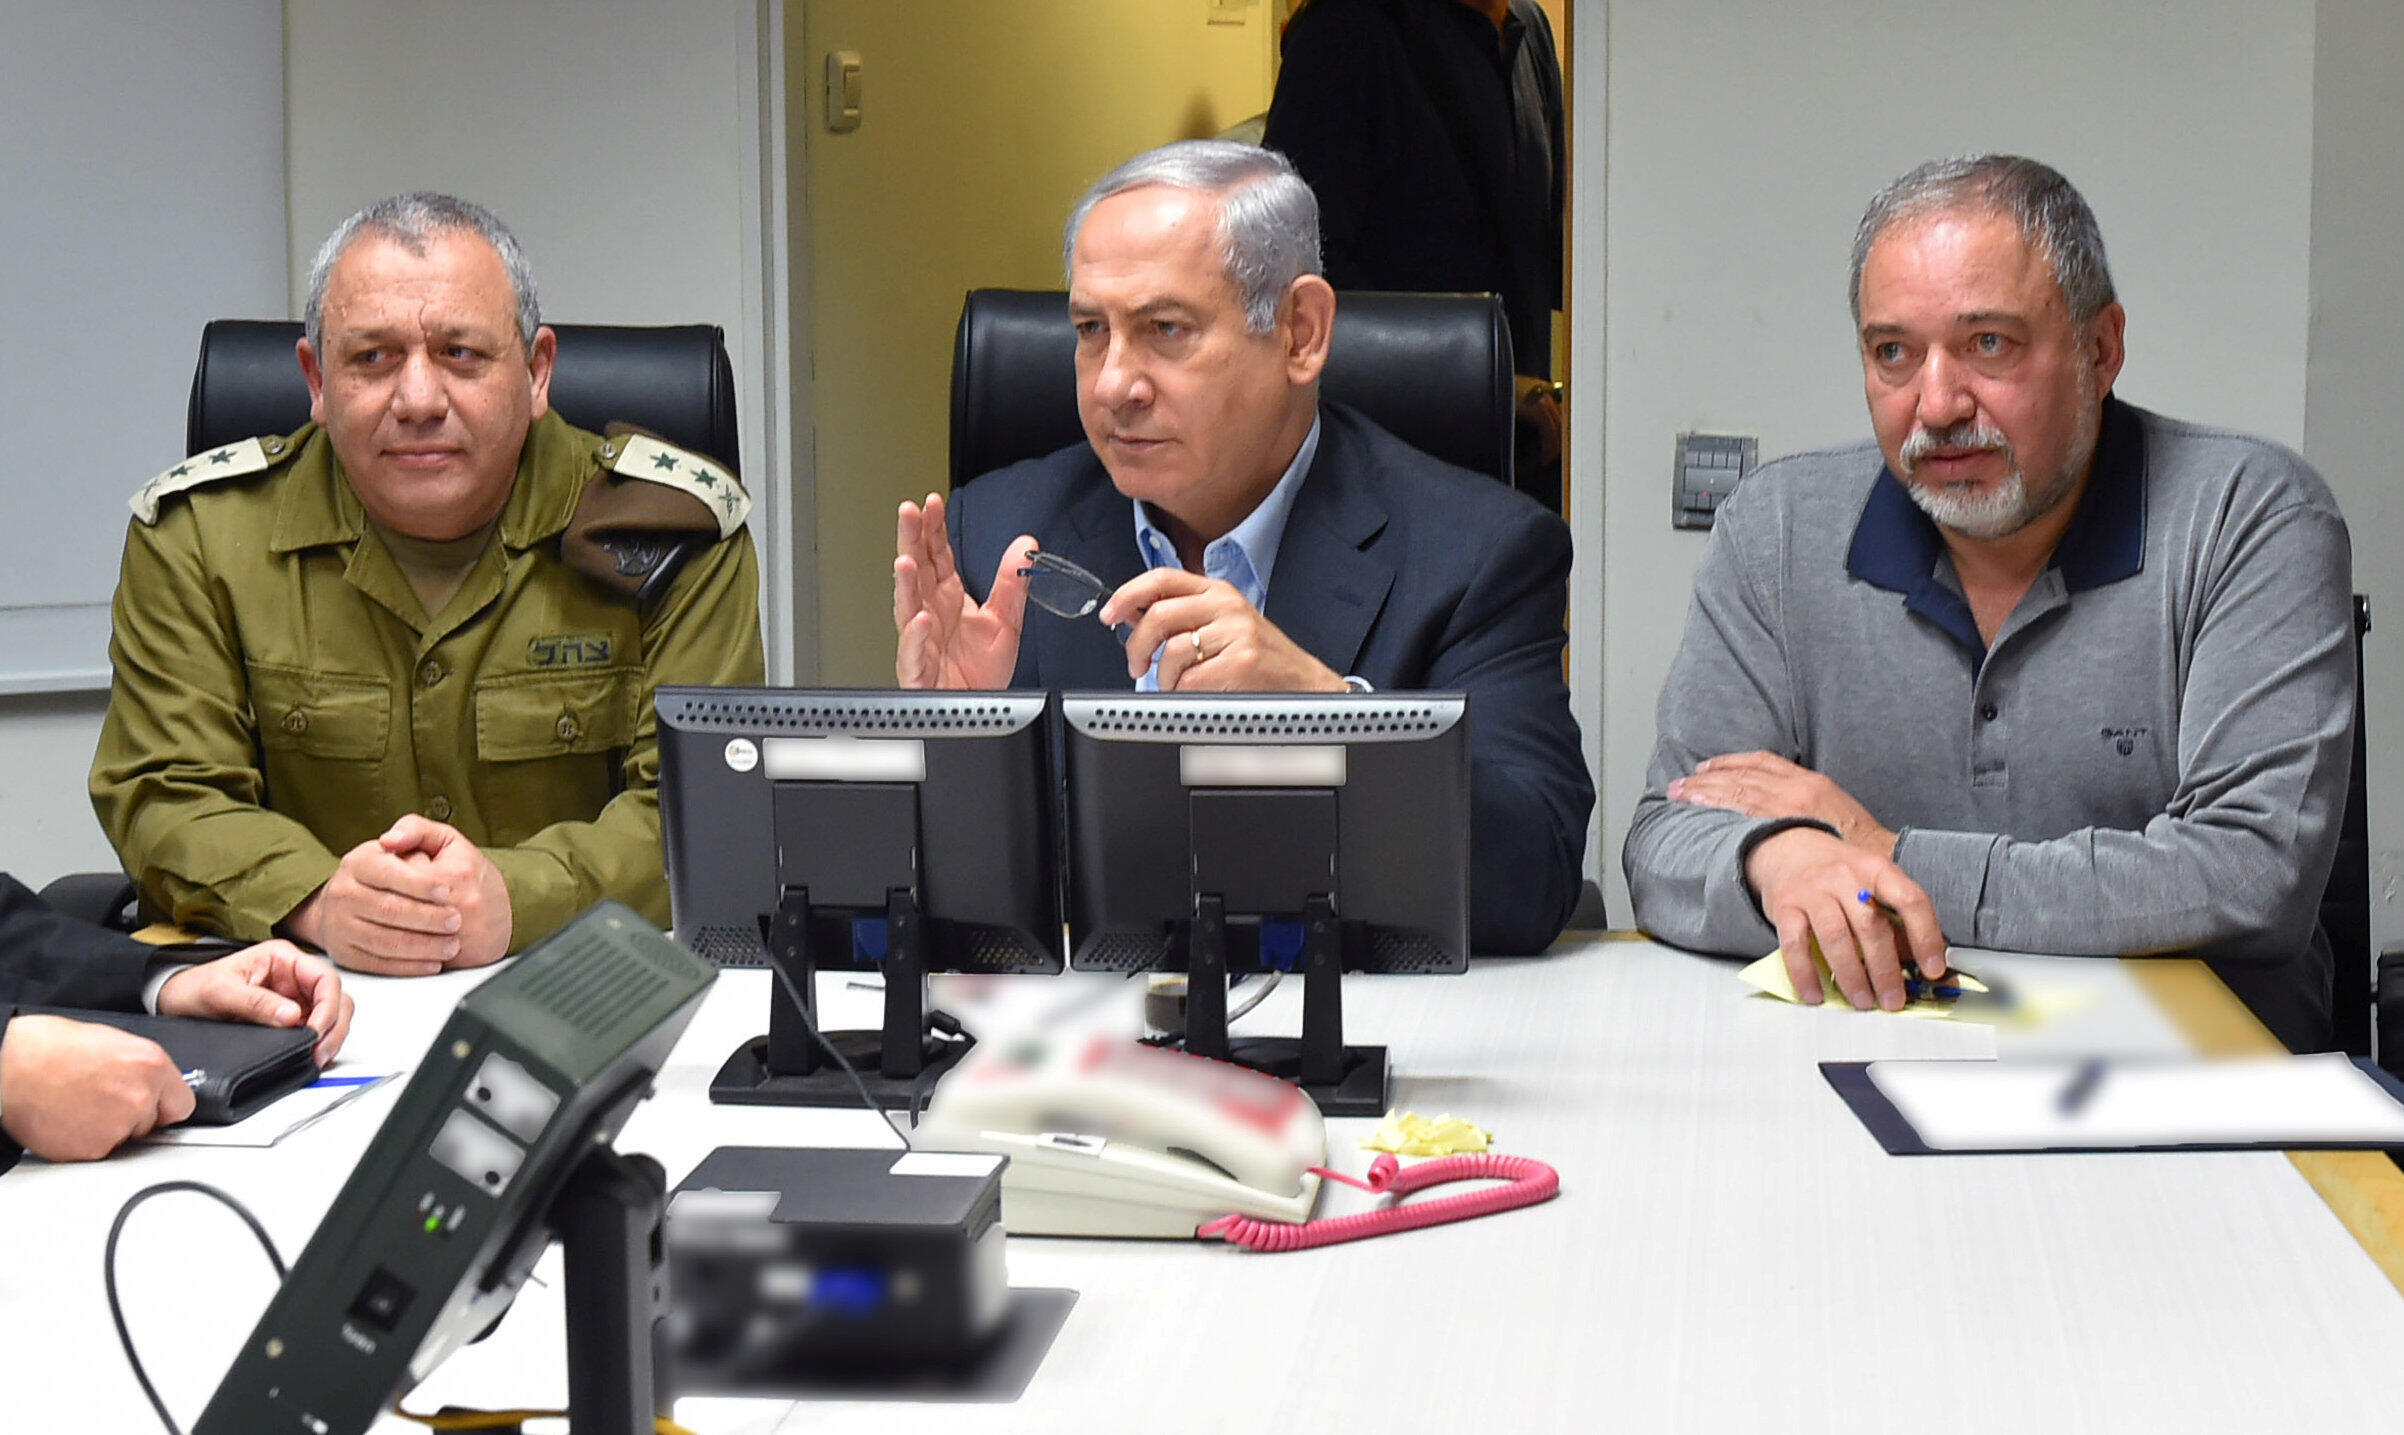 以色列总理内塔尼亚胡和国防部长 Avigdor Lieberman (右)和总参谋长 Gadi Eizenkot 在特拉维夫 2018年2月10日